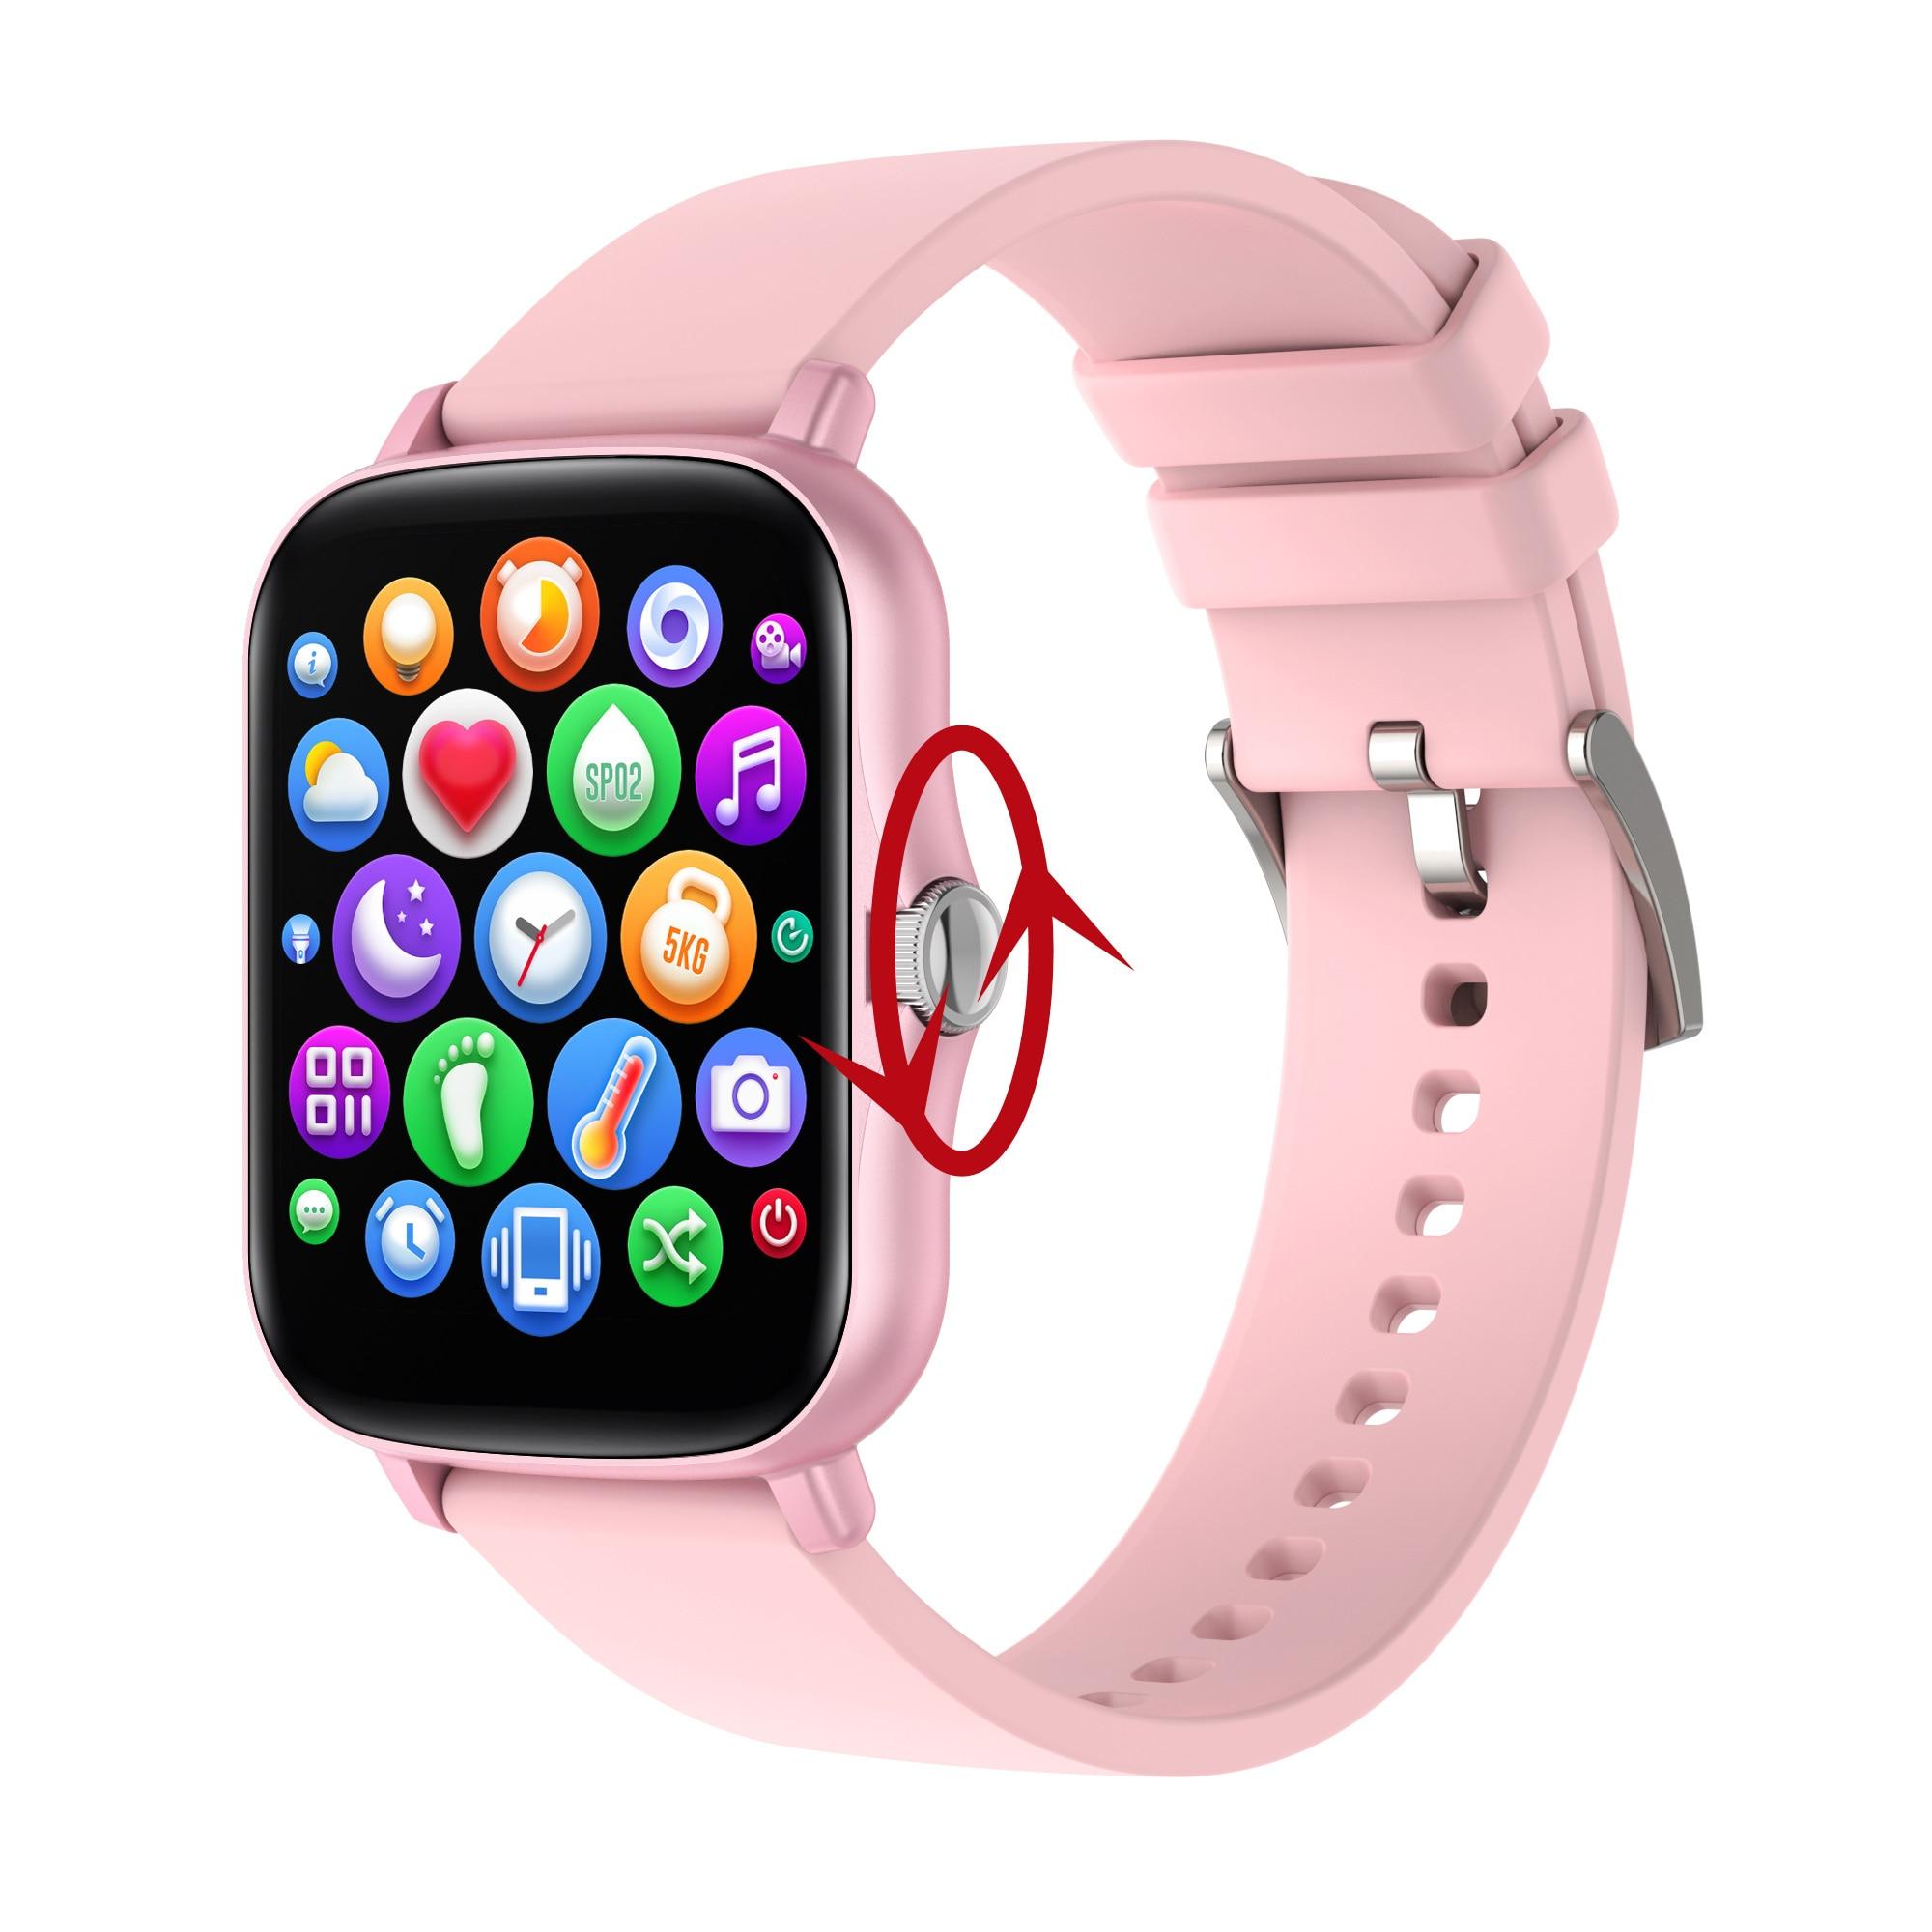 Мужские и женские умные часы 2021, часы с Push-уведомлениями, Bluetooth, 8 спортивных режимов, фитнес-трекер, умные часы, часы